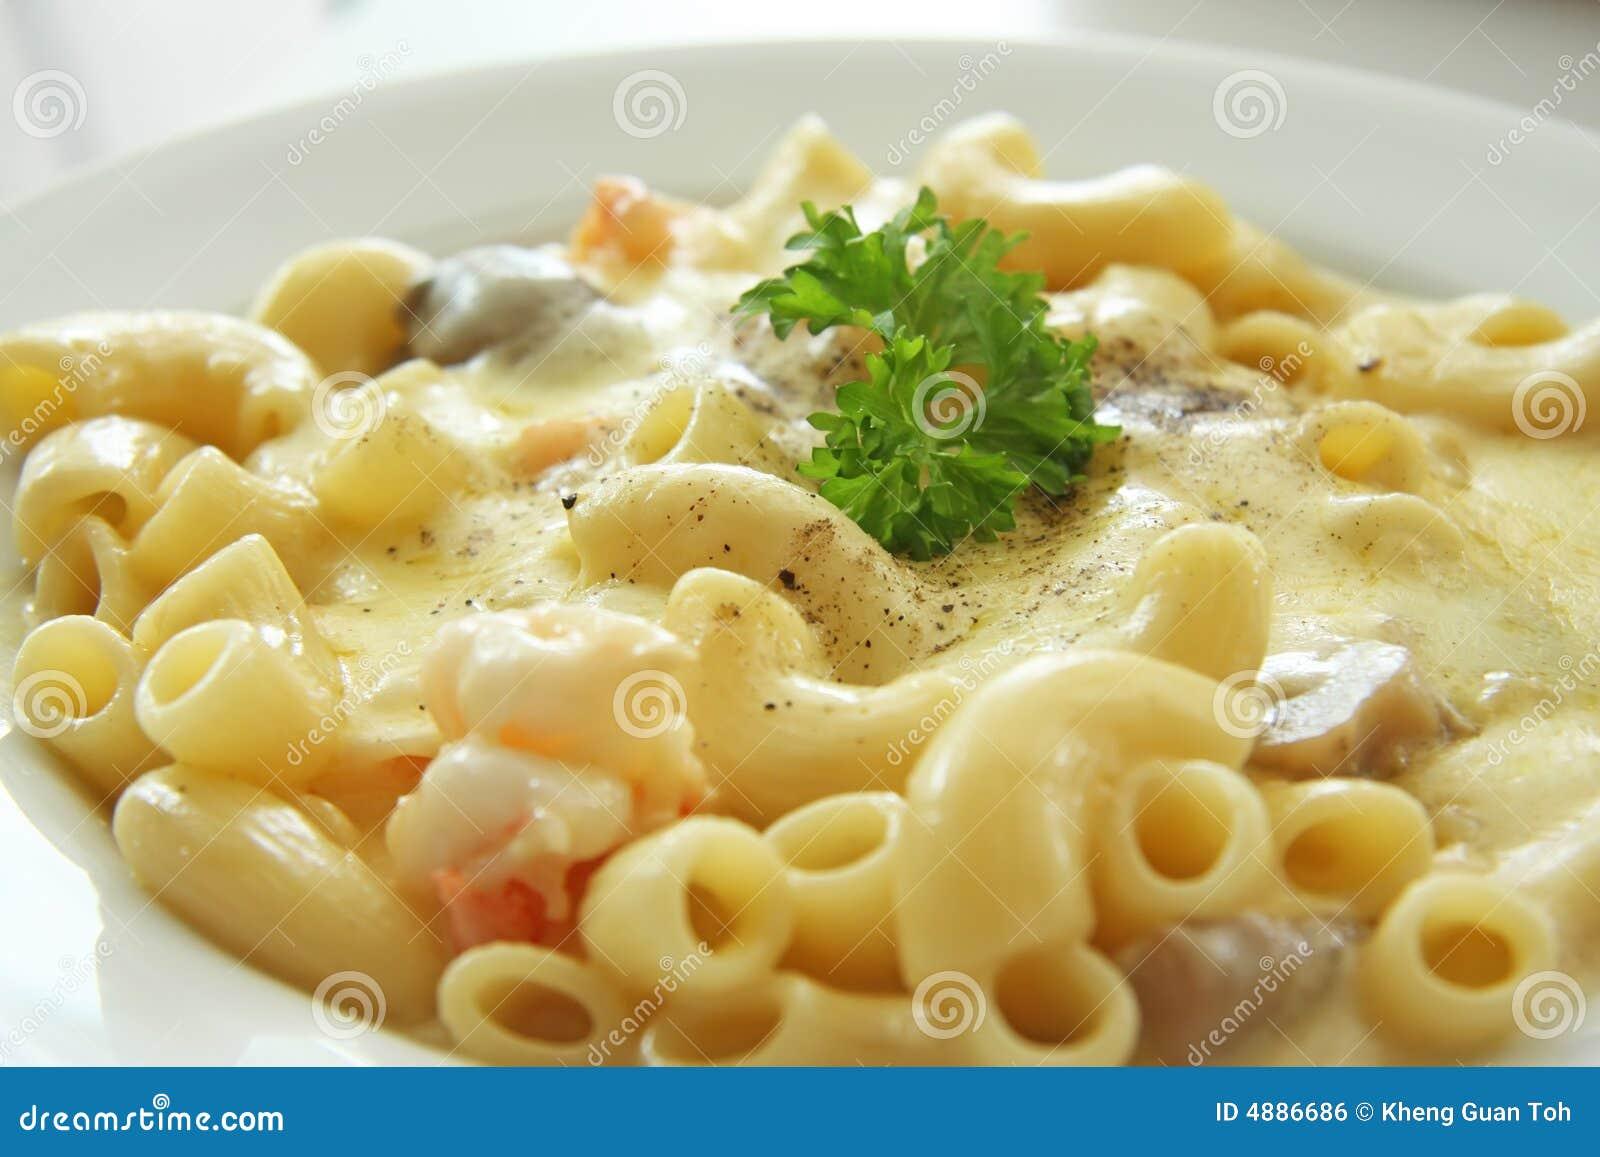 and cheese carbonara macaroni and cheese alla mac and cheese carbonara ...